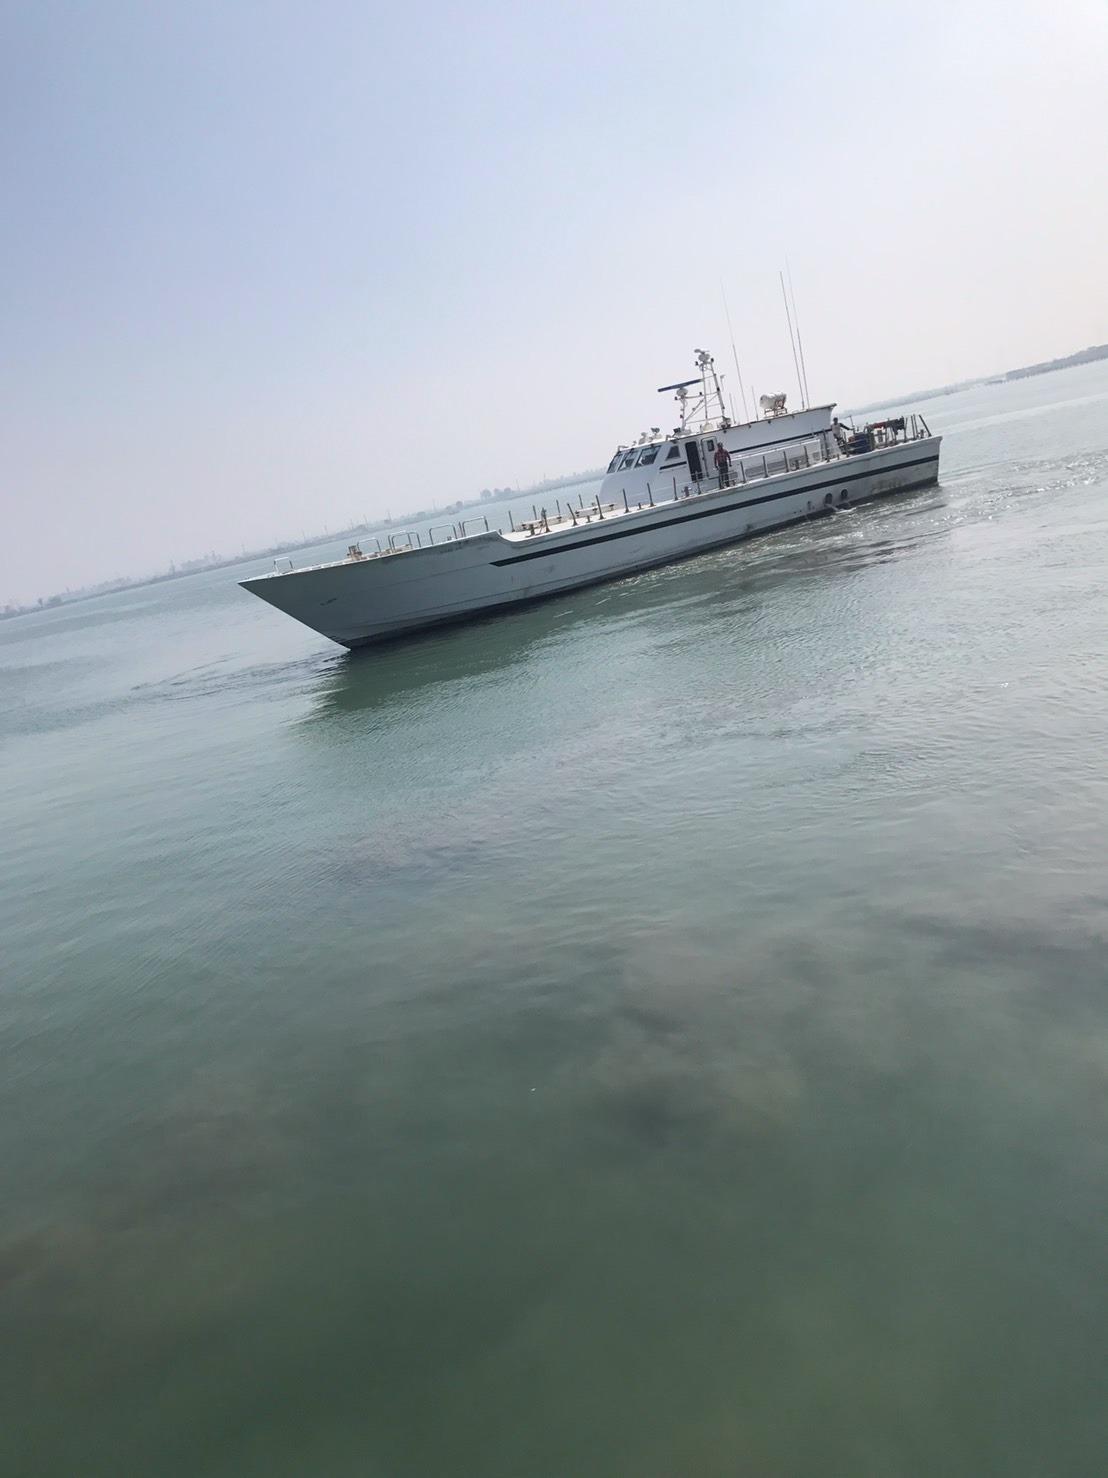 Boatyard yung xin